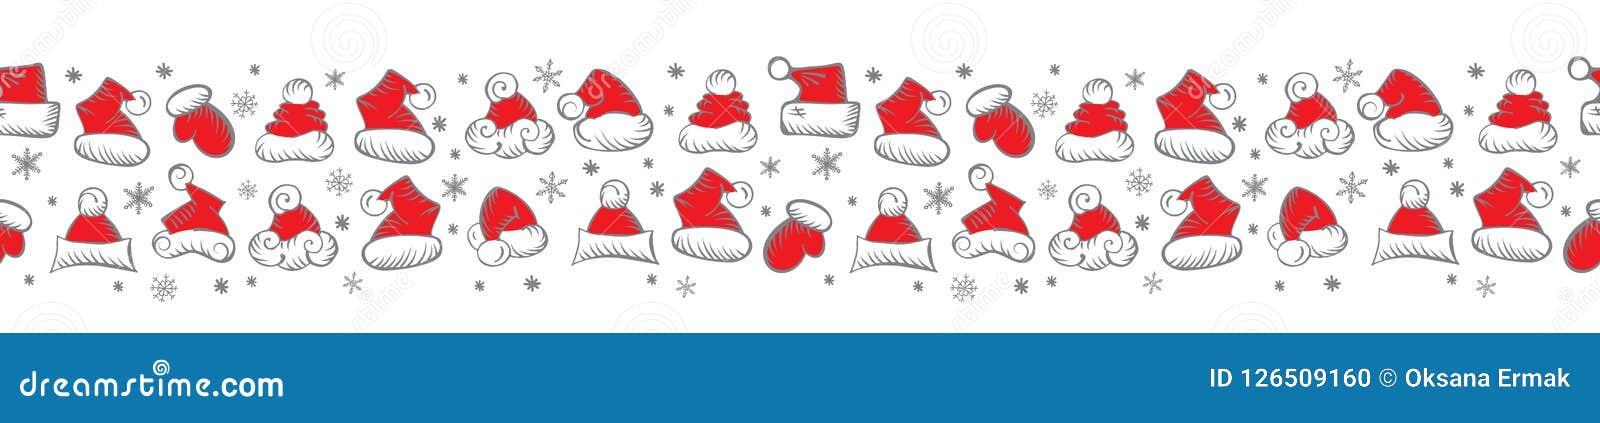 Santa Claus Hats Christmas Seamless Pattern para o empacotamento do feriado